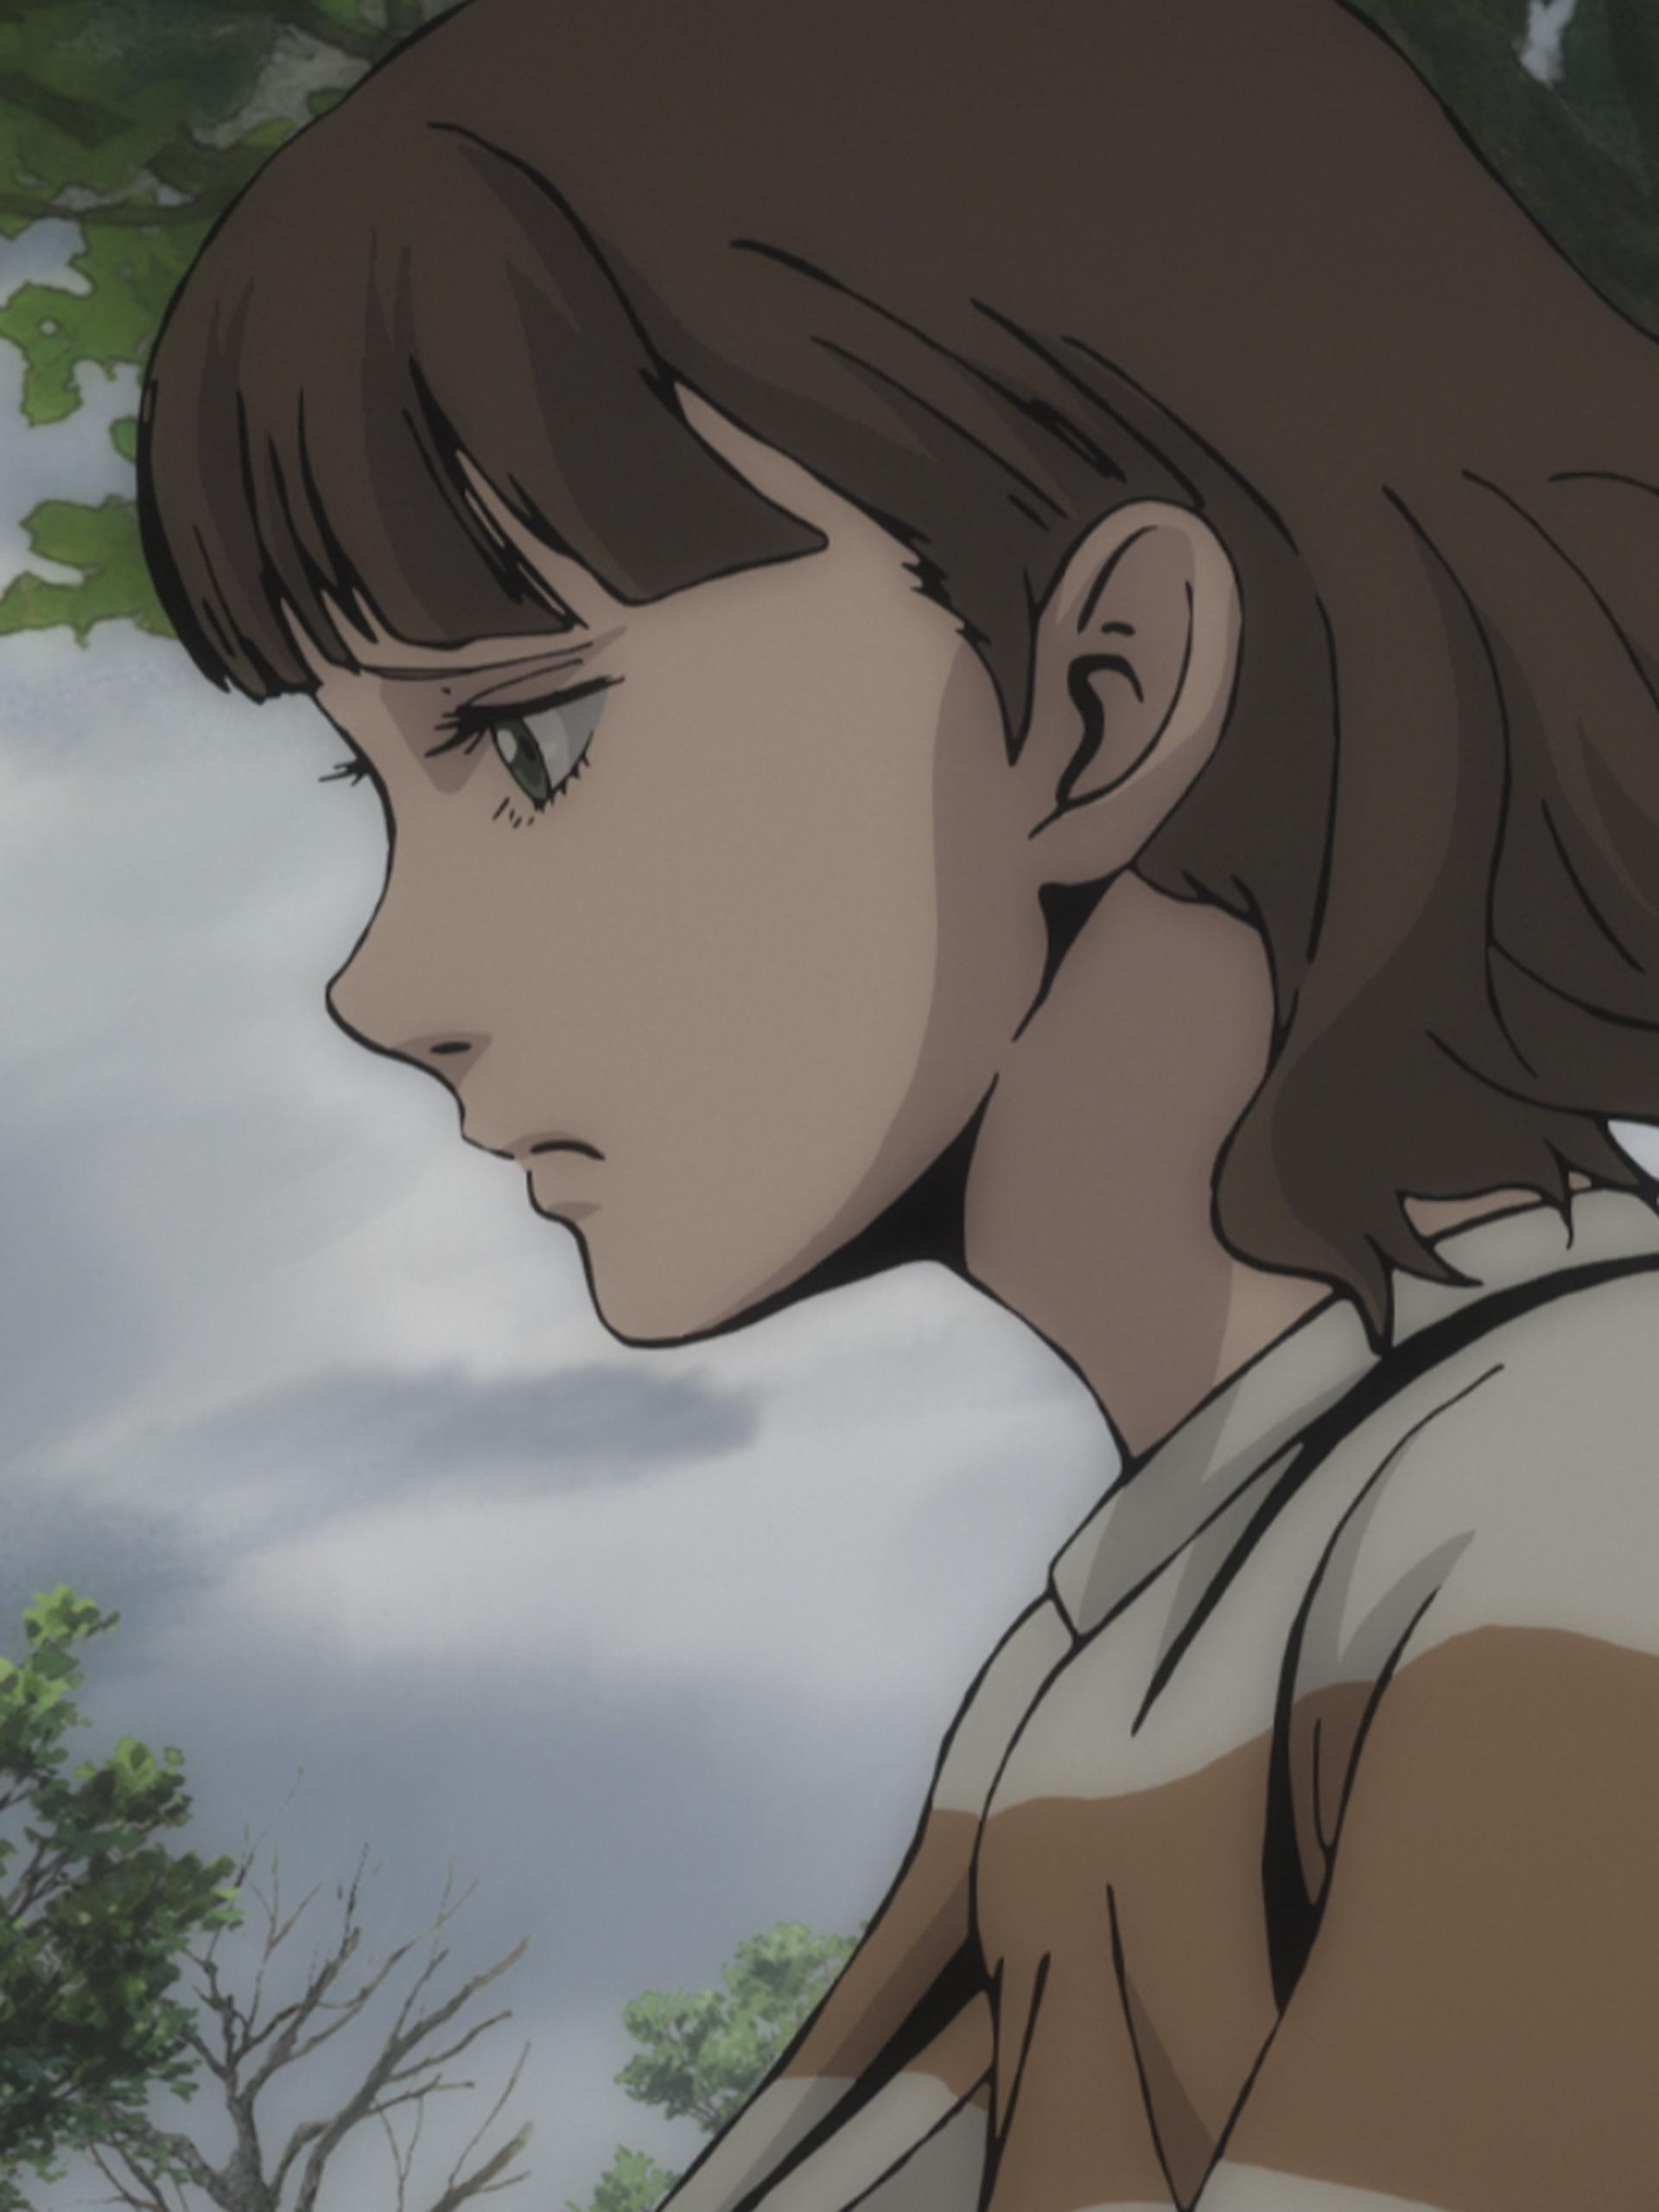 伊藤潤二『コレクション』-完全版-第10話「グリセリド」 「橋」